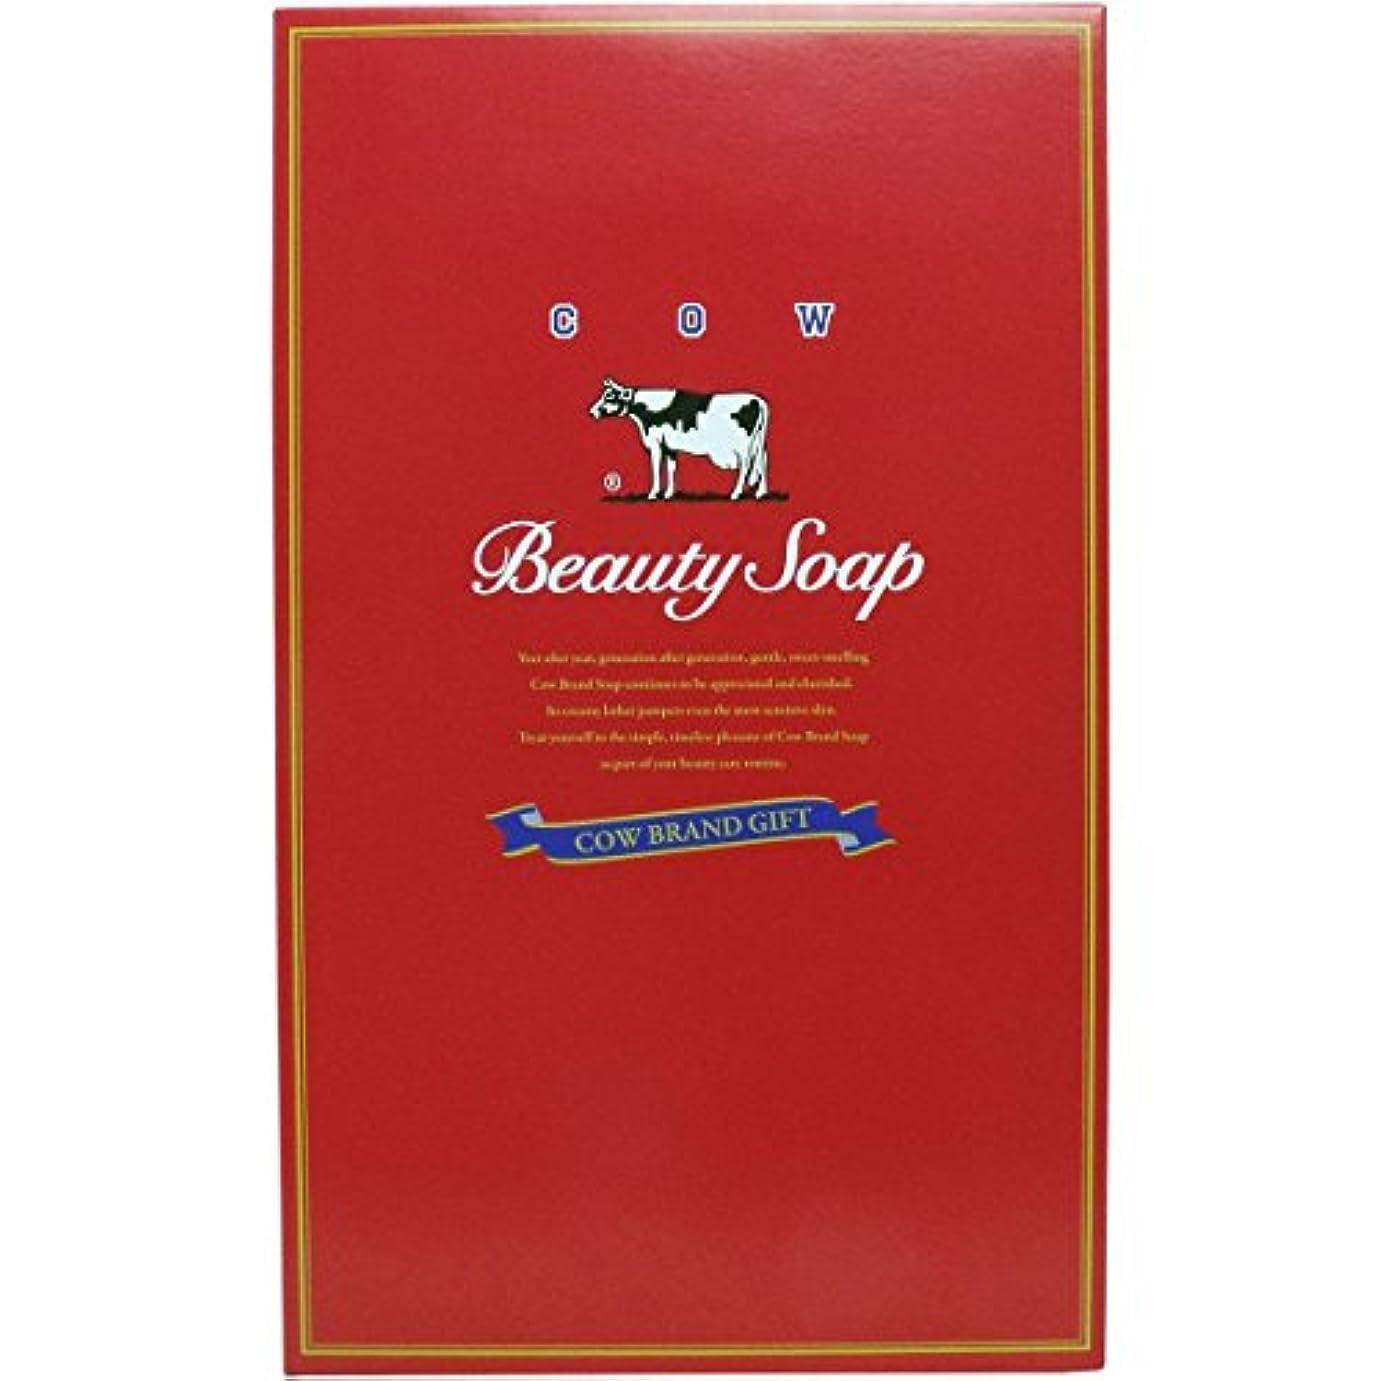 冒険穴ねばねば牛乳石鹸共進社 カウブランド石鹸 赤箱 100g×10個×16箱